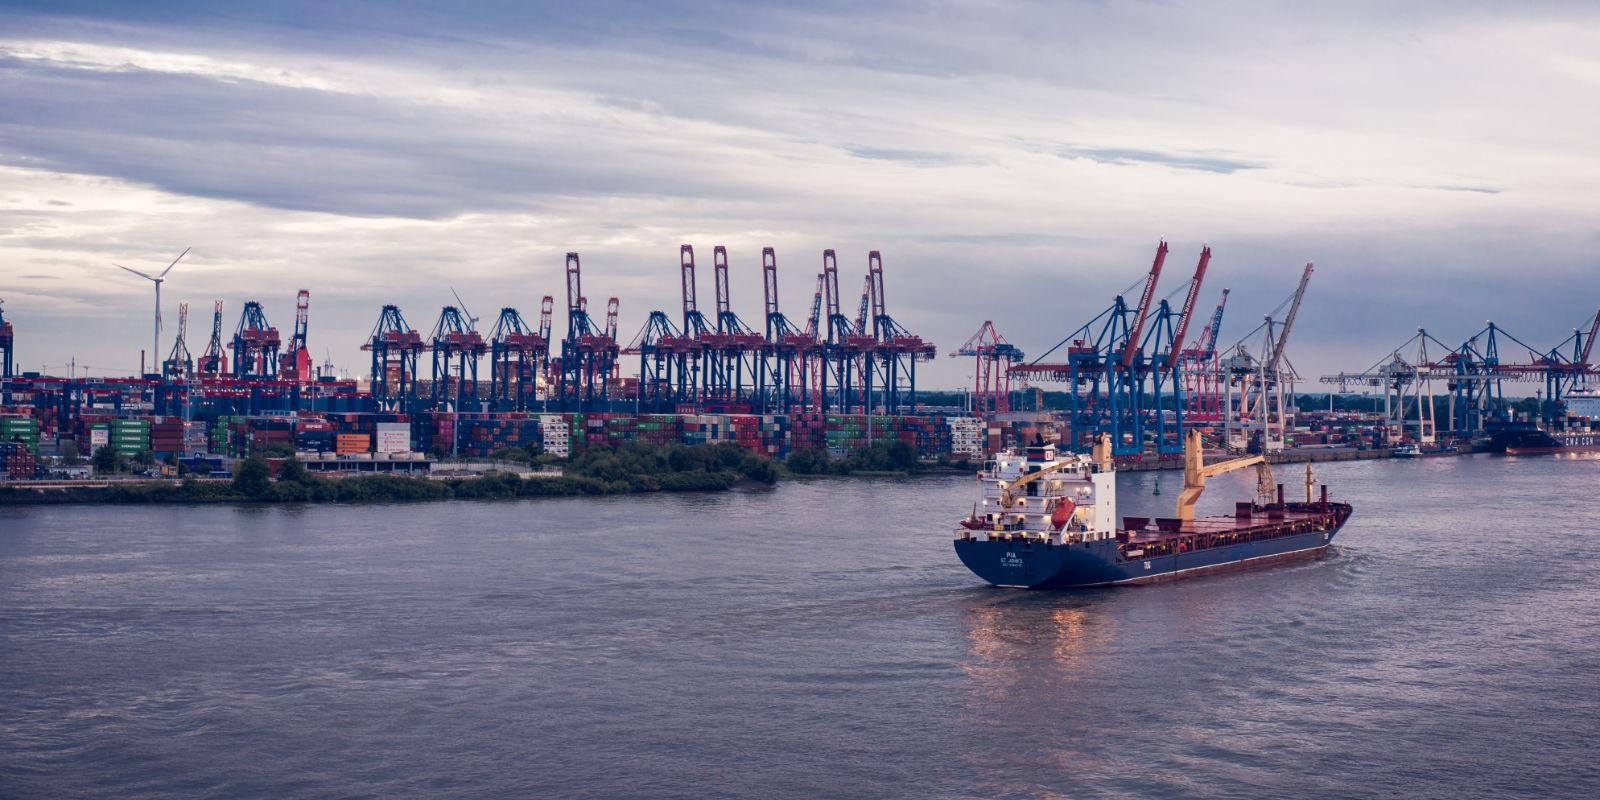 Hamburger Hafen und die Elbe